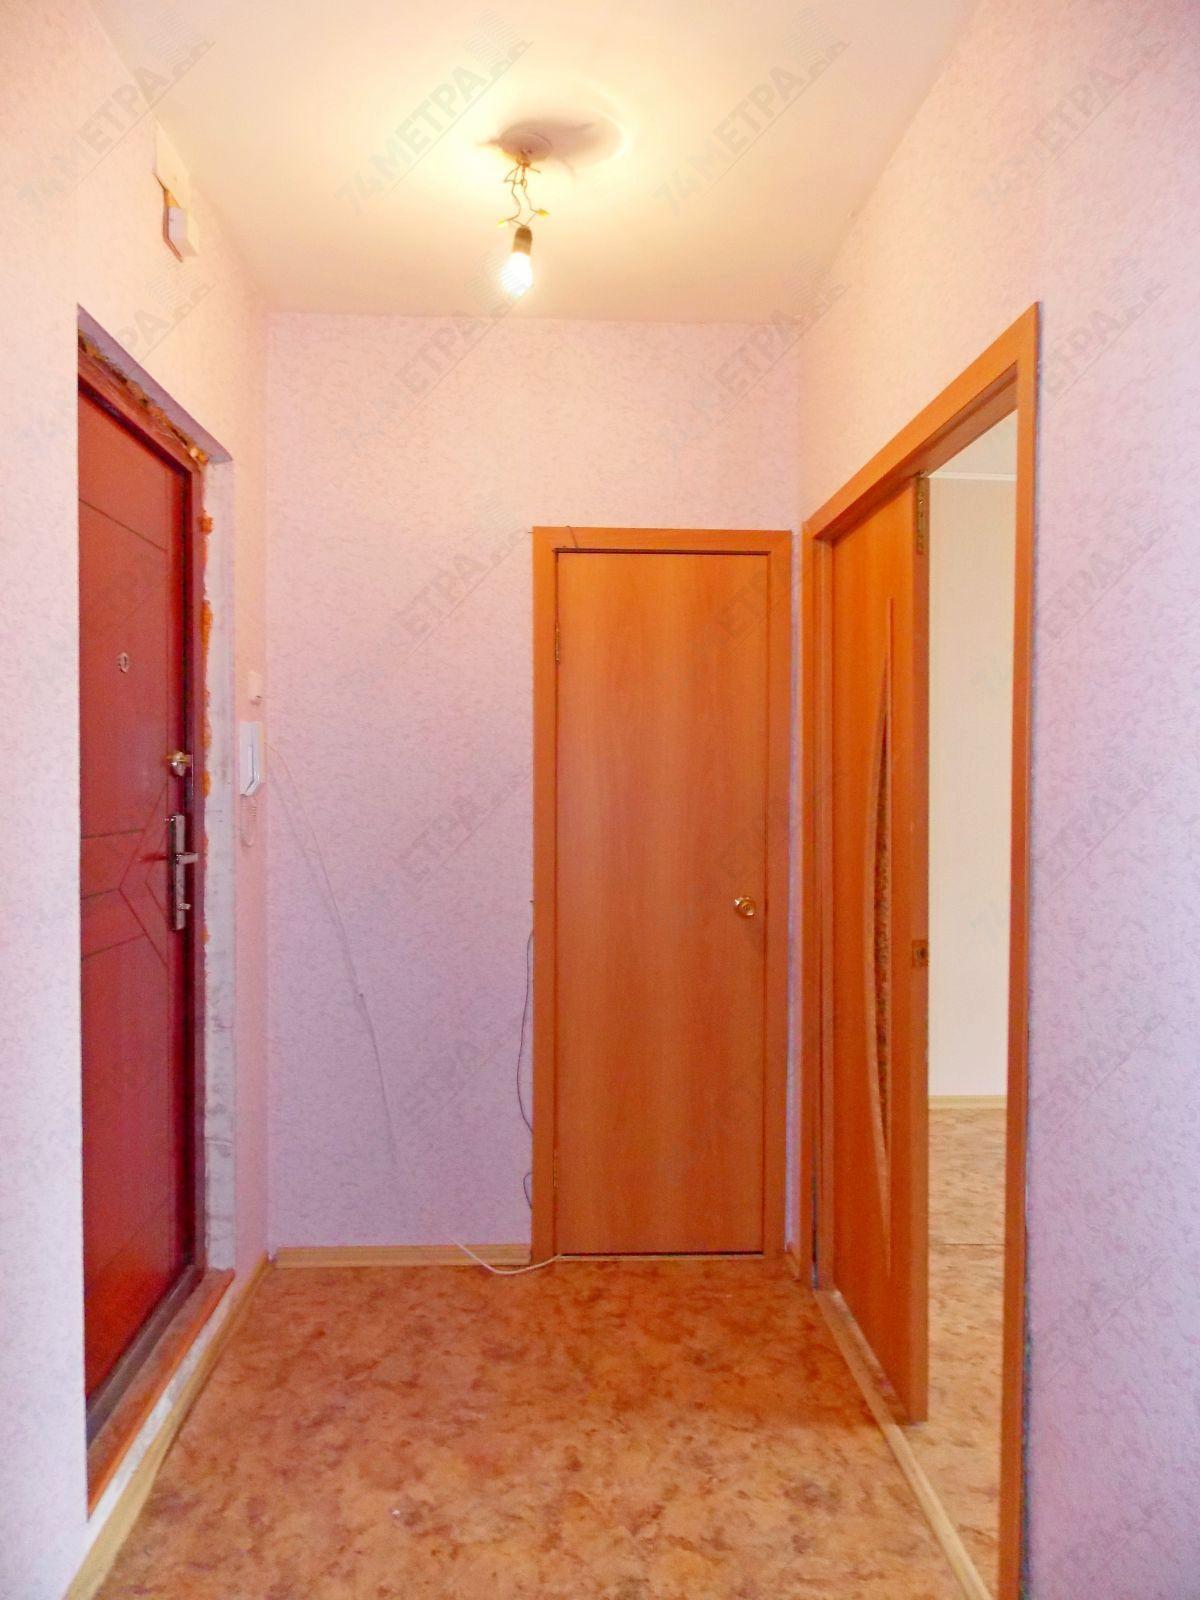 9 000 ₽, 1 - комнатная квартира, площадь 45 м², этаж 4/10